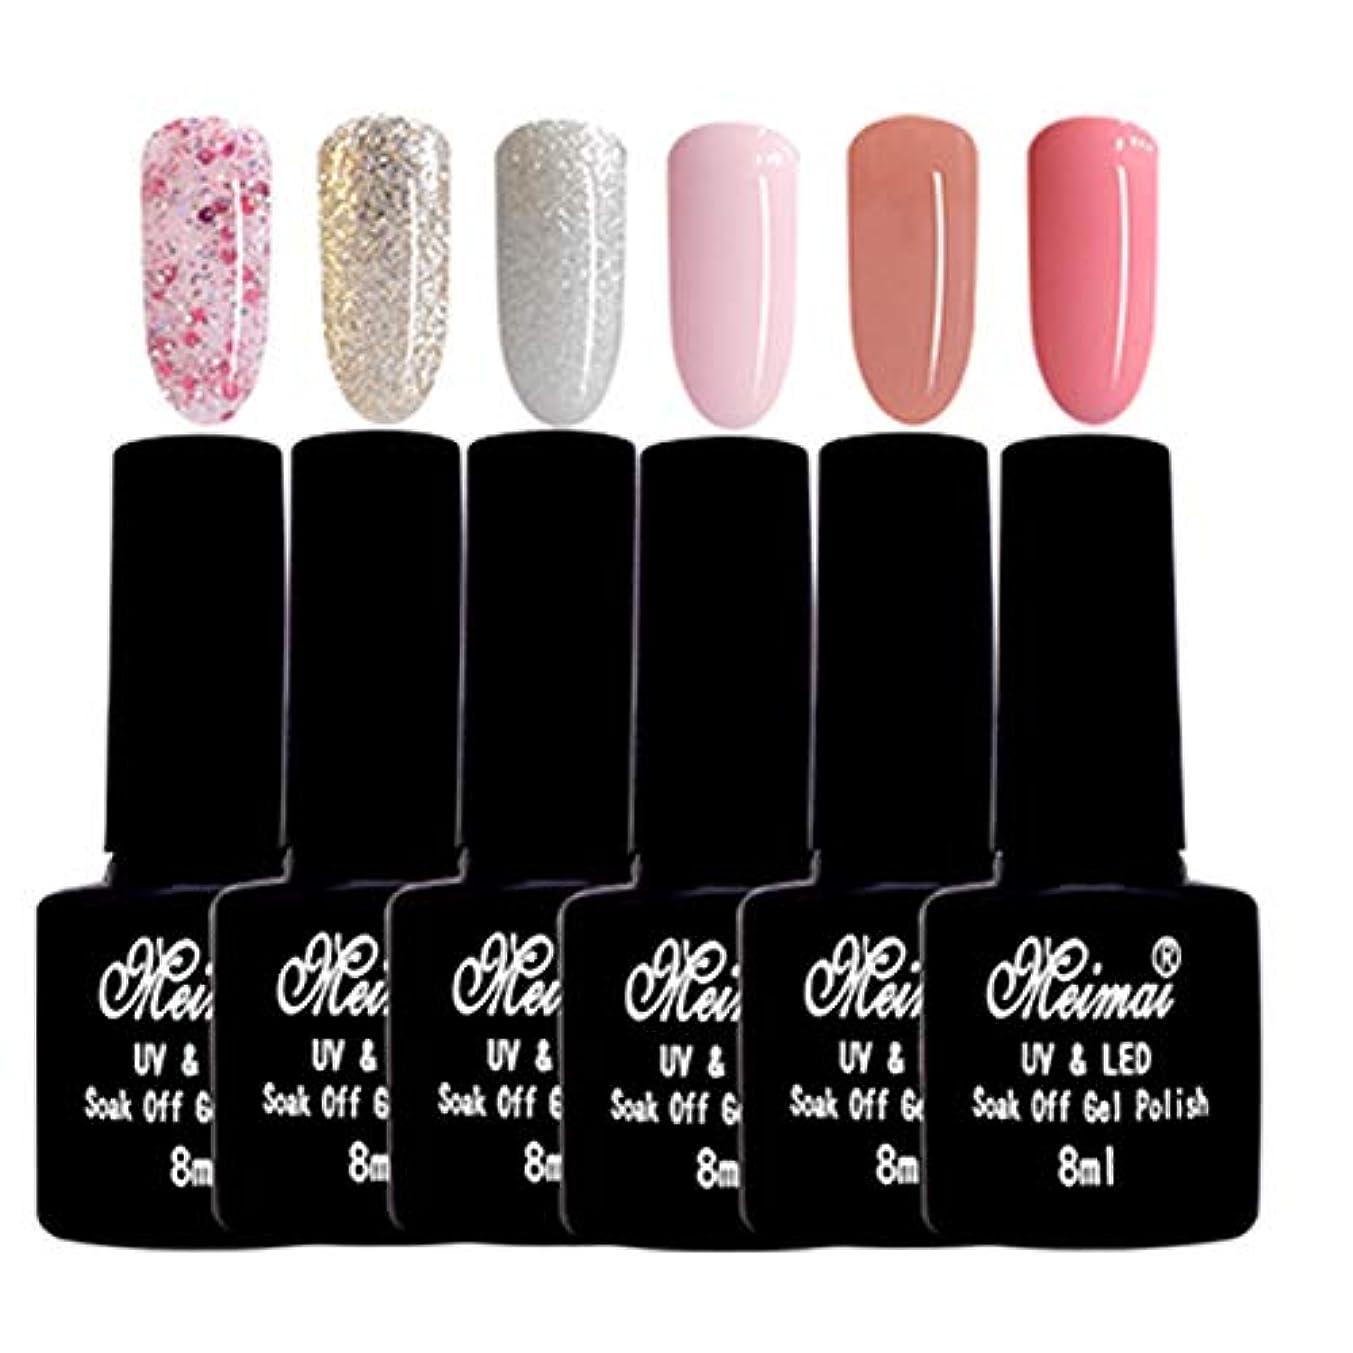 洗練された調べる標高ジェルネイル ピンク ホワイトラメ カラージェル 厳選6色 金、銀、ピンク シリーズ UV/LED ラメ 全ての女性に愛されるカラー (2)